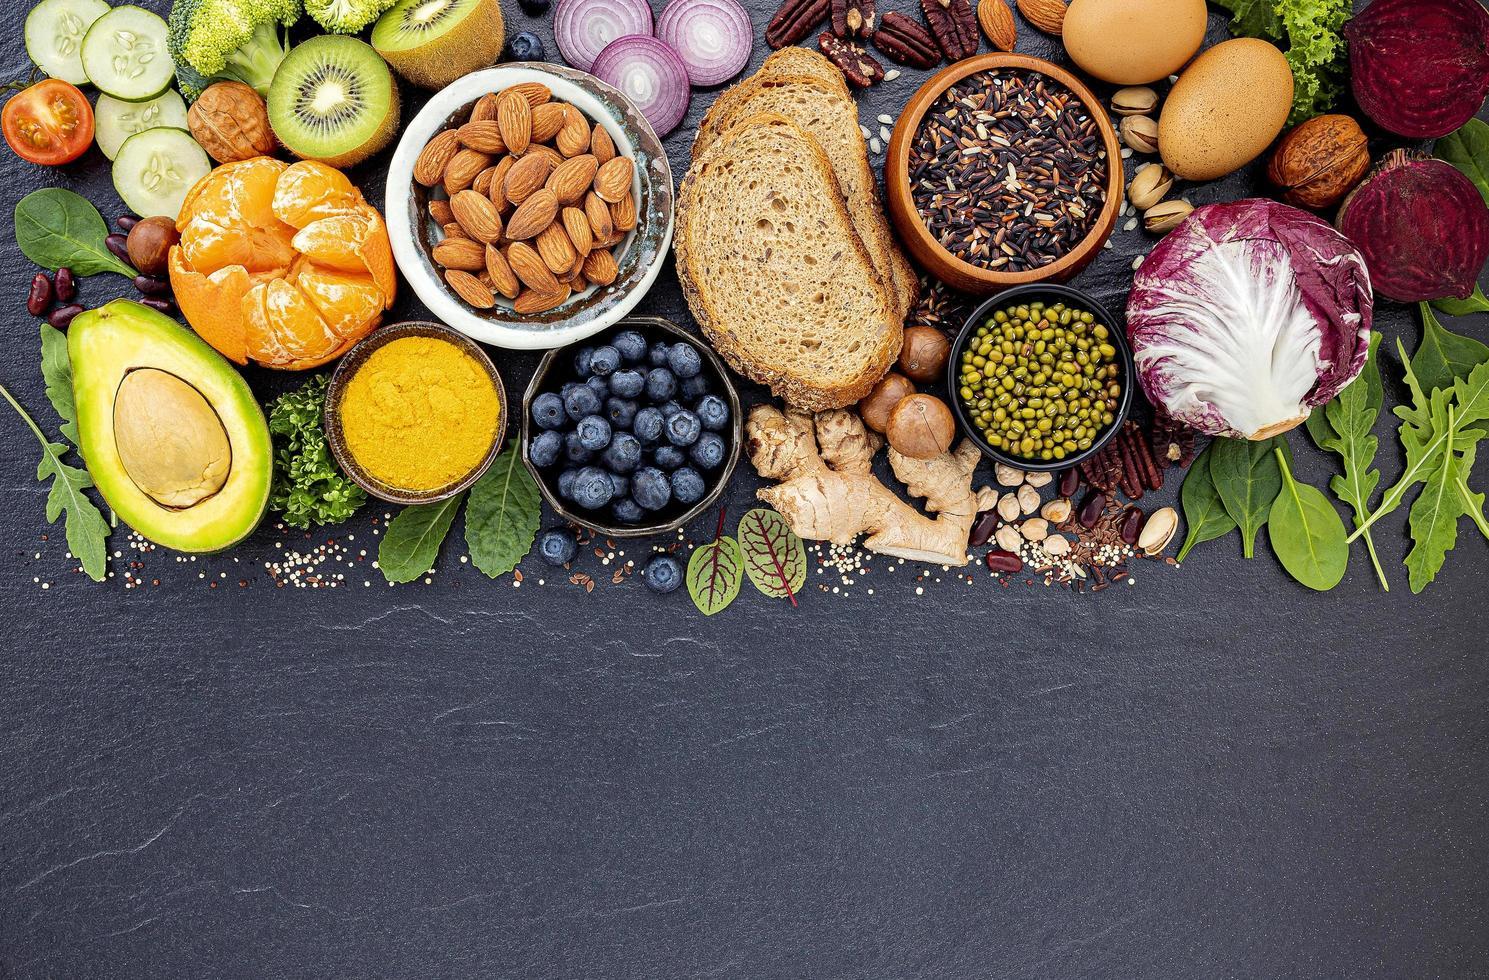 sélection d'aliments sains sur ardoise noire photo